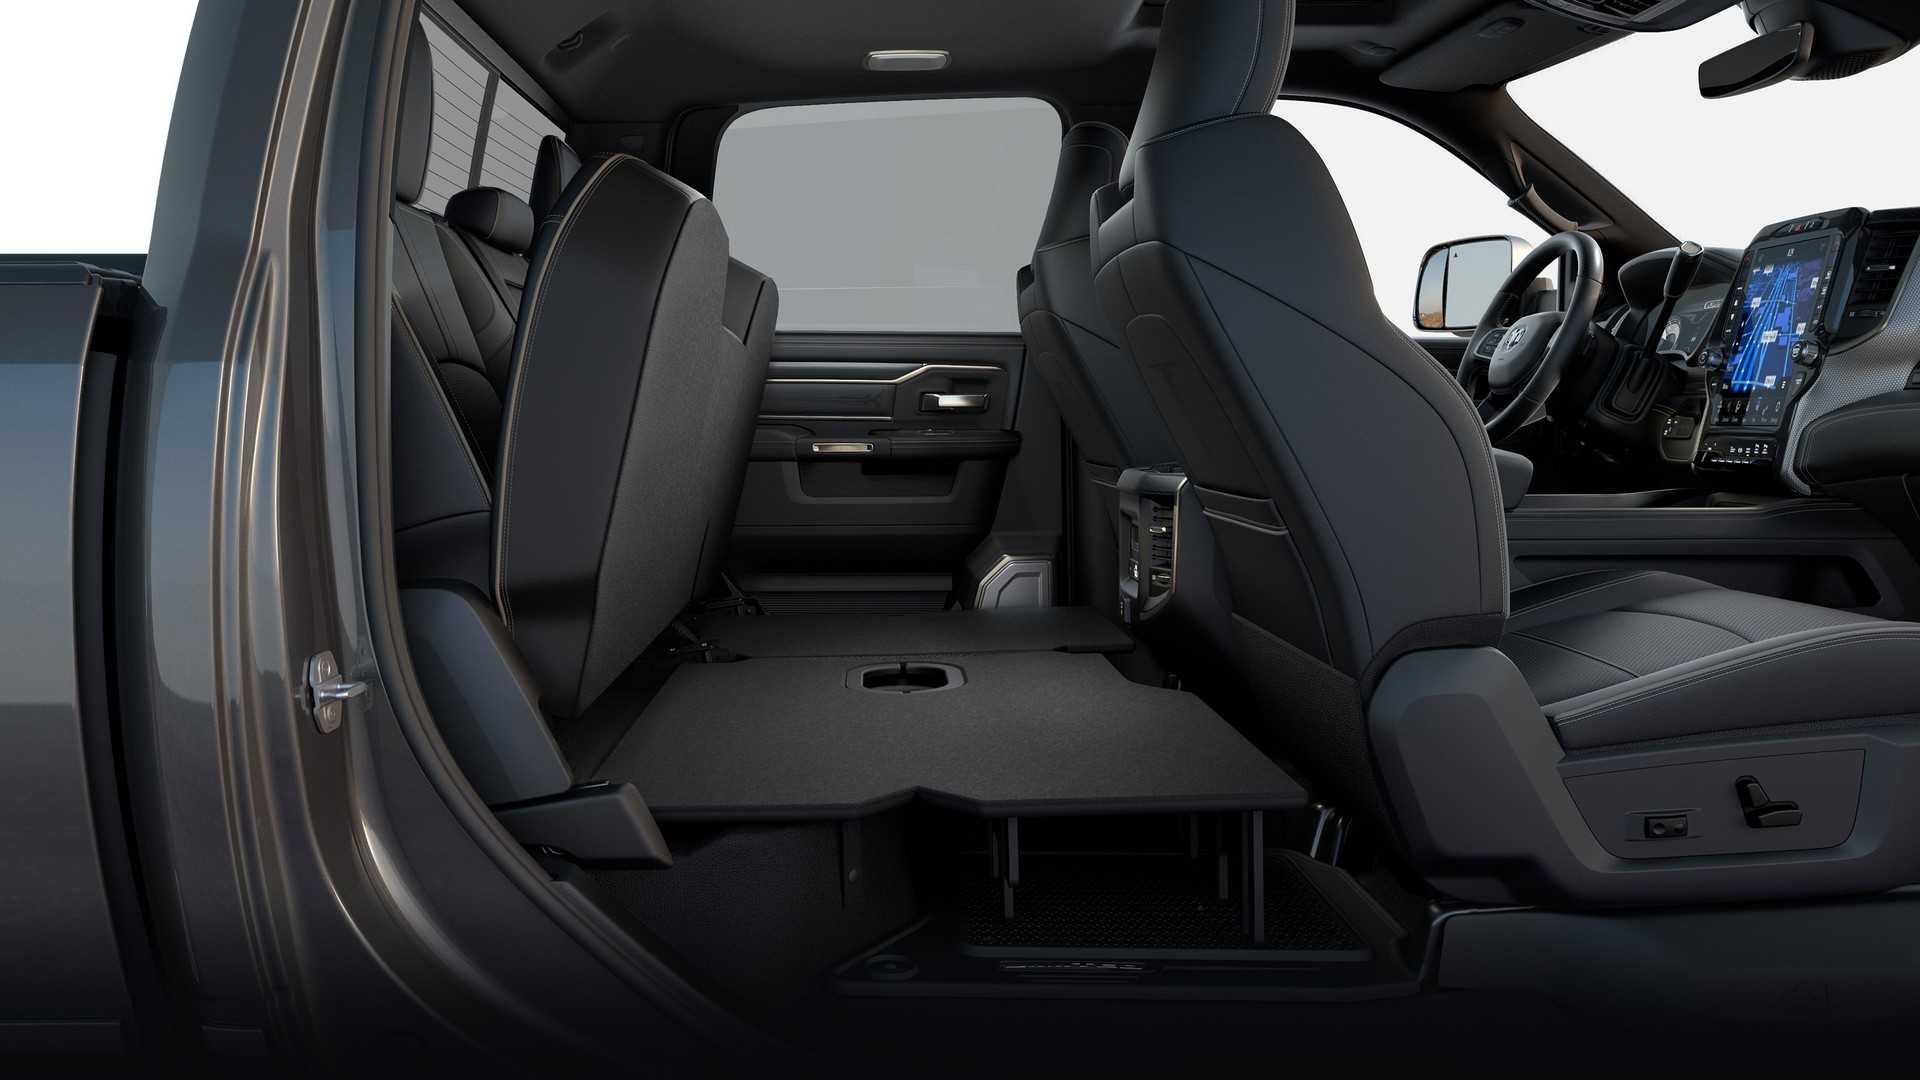 2019-ram-heavy-duty-interior (40)